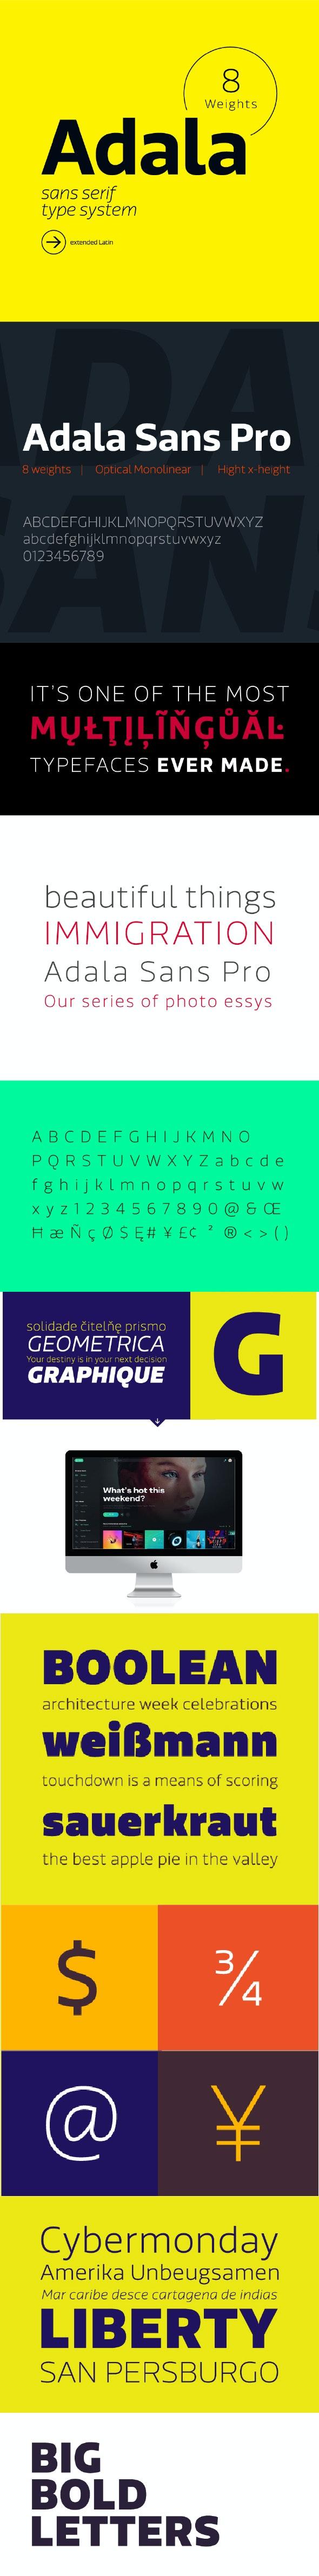 Adala Sans Pro Font - Miscellaneous Sans-Serif